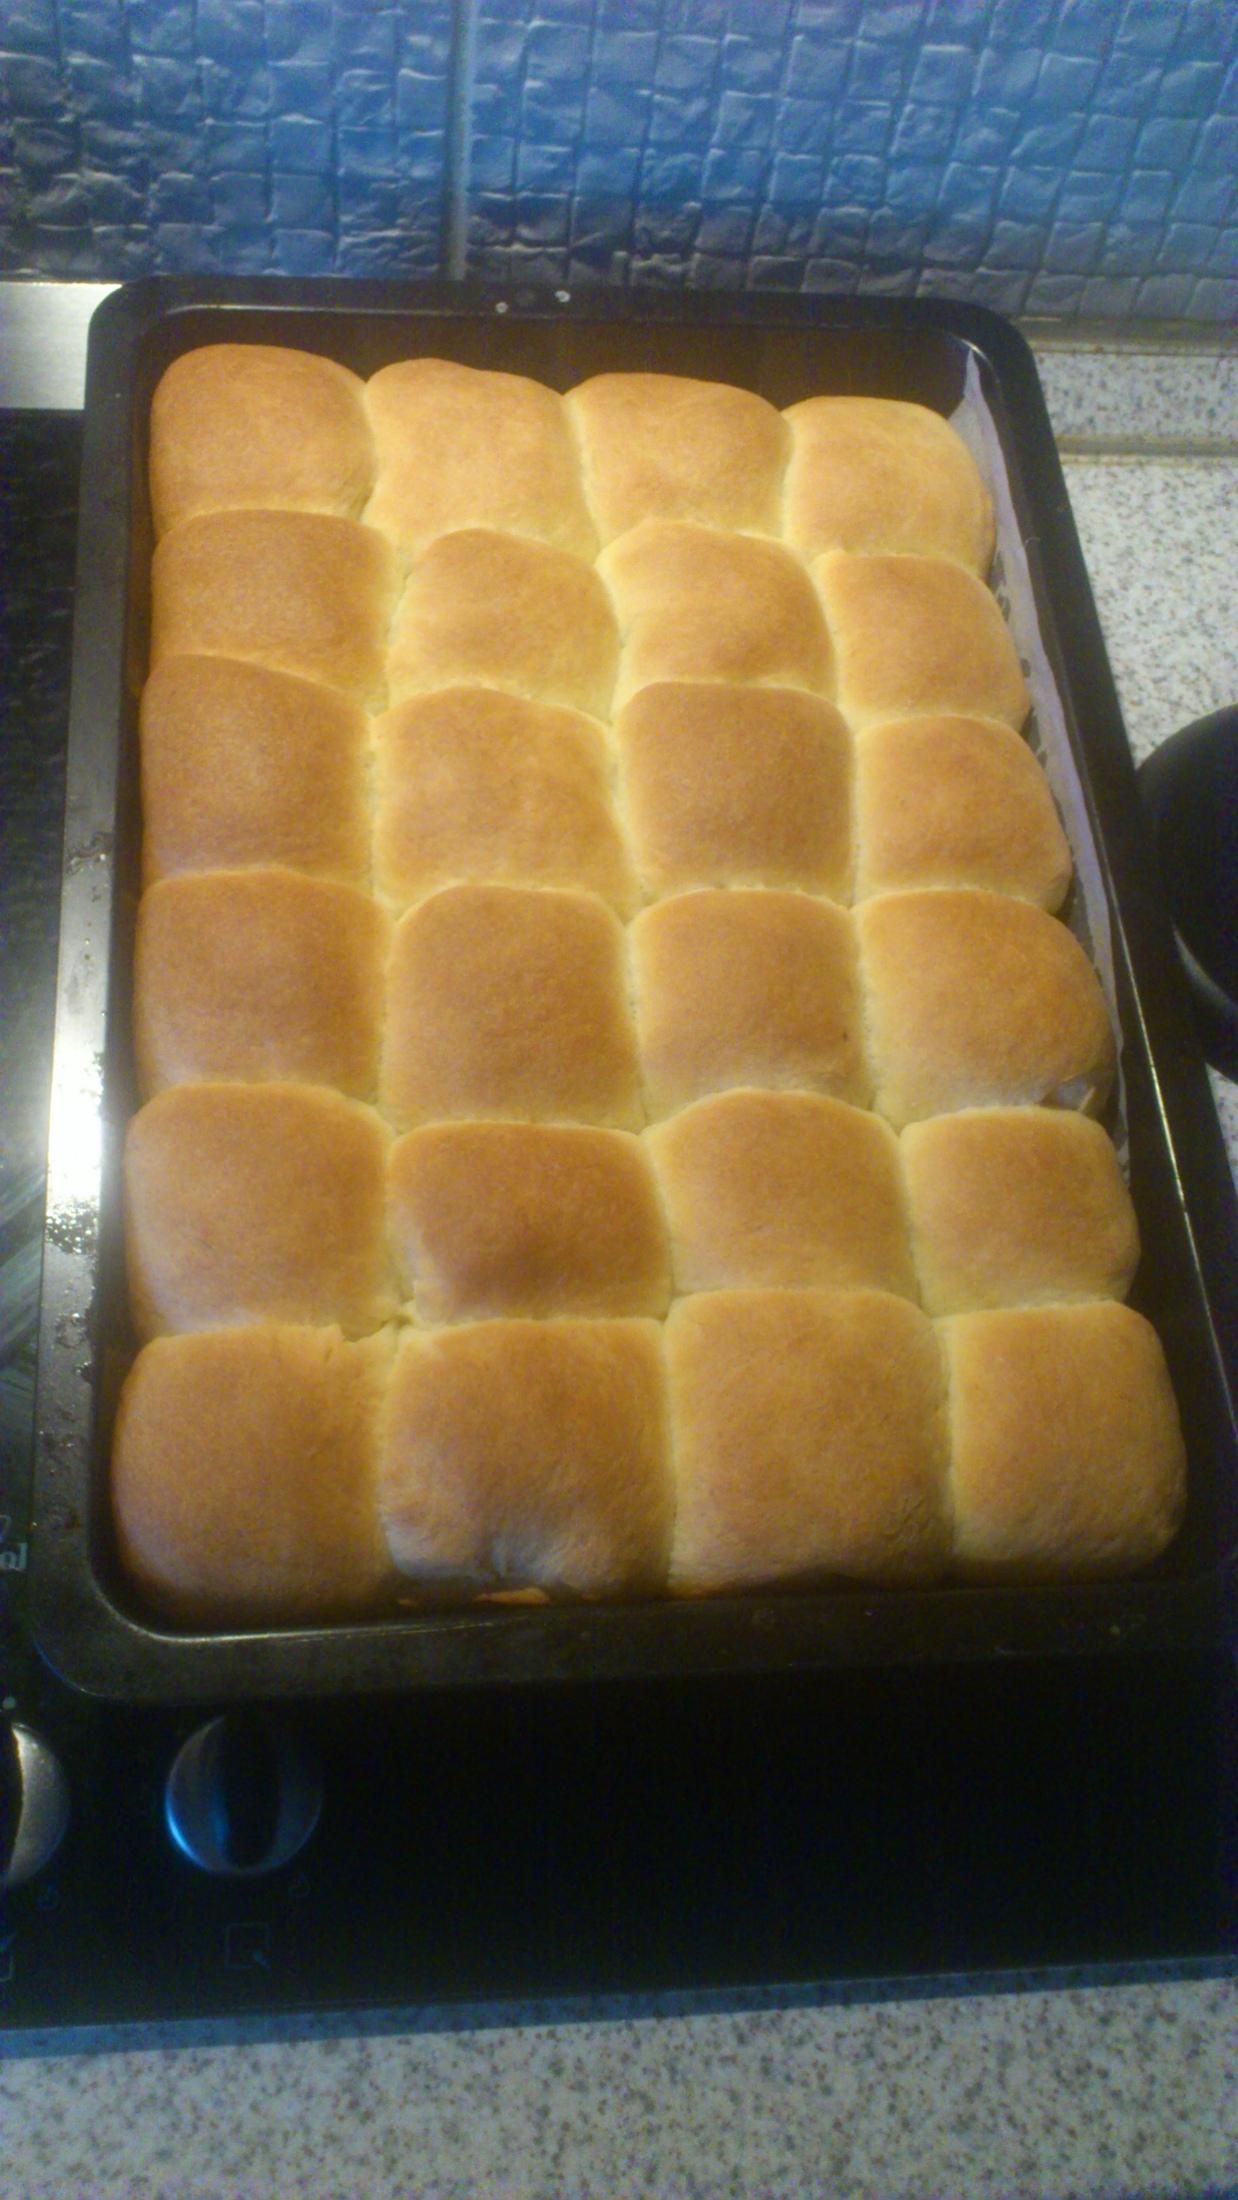 Recept Tradiční české buchty - Můj pokus xx a konečně se povedly tak, jak jsem si přála. Jsem ještě celkem nezkušená kuchařka, tak zkouším a nevzdávám to :D